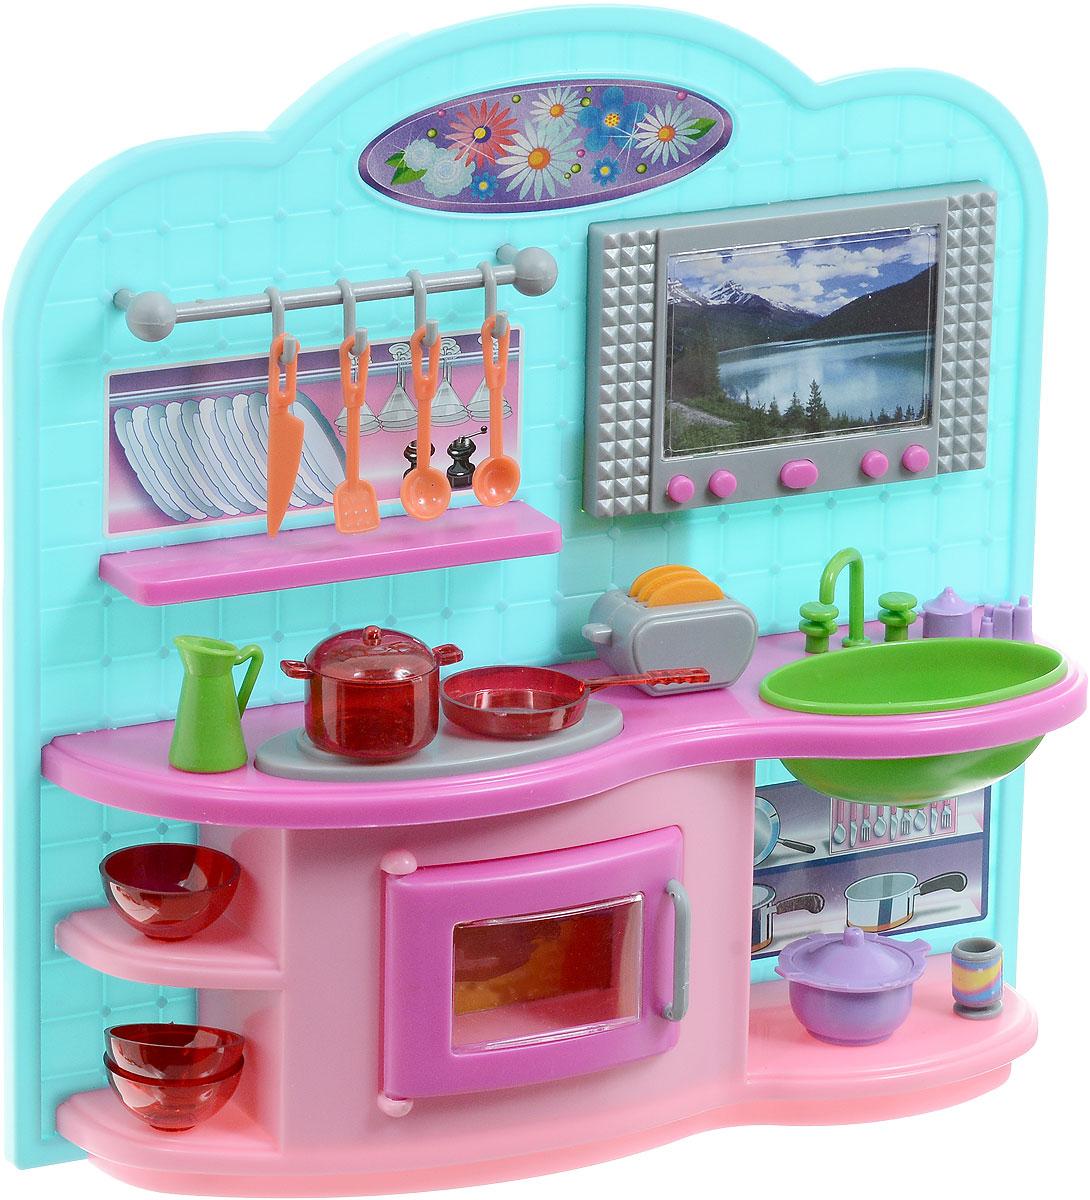 1TOY Мебель для кукол КухняТ54510Мебель для кукол 1TOY Кухня понравится многим девочкам. Набор представляет собой мини-кухню, которая станет отличным дополнением игрушечного кукольного домика. Кухня полностью оборудована и может стать достойным местом для приема гостей. В наборе имеются плита для приготовления пищи, раковина, различные кухонные аксессуары и принадлежности, играя с которыми можно разнообразить игровой процесс. Набор обладает световыми эффектами. Необходимо купить 2 батарейки напряжением 1,5V типа АА (не входят в комплект).